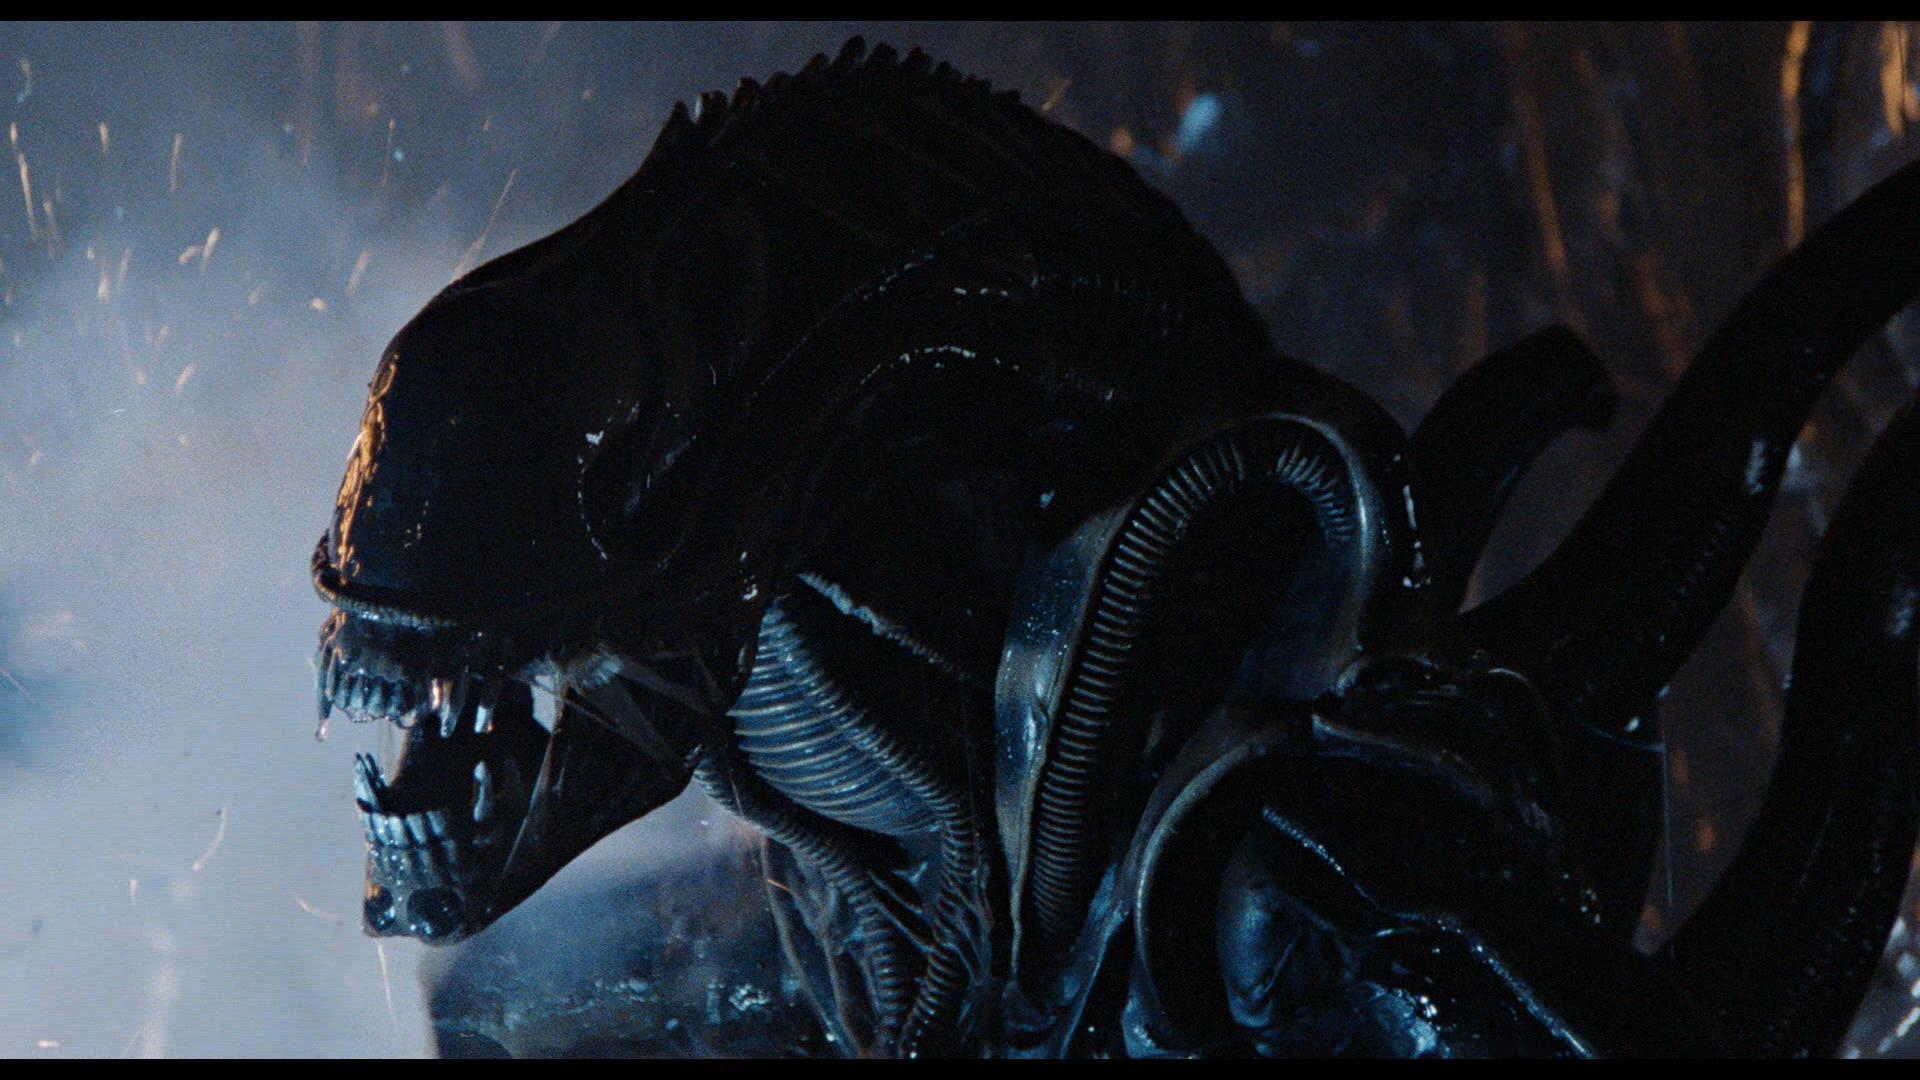 A xenomorph from Alien